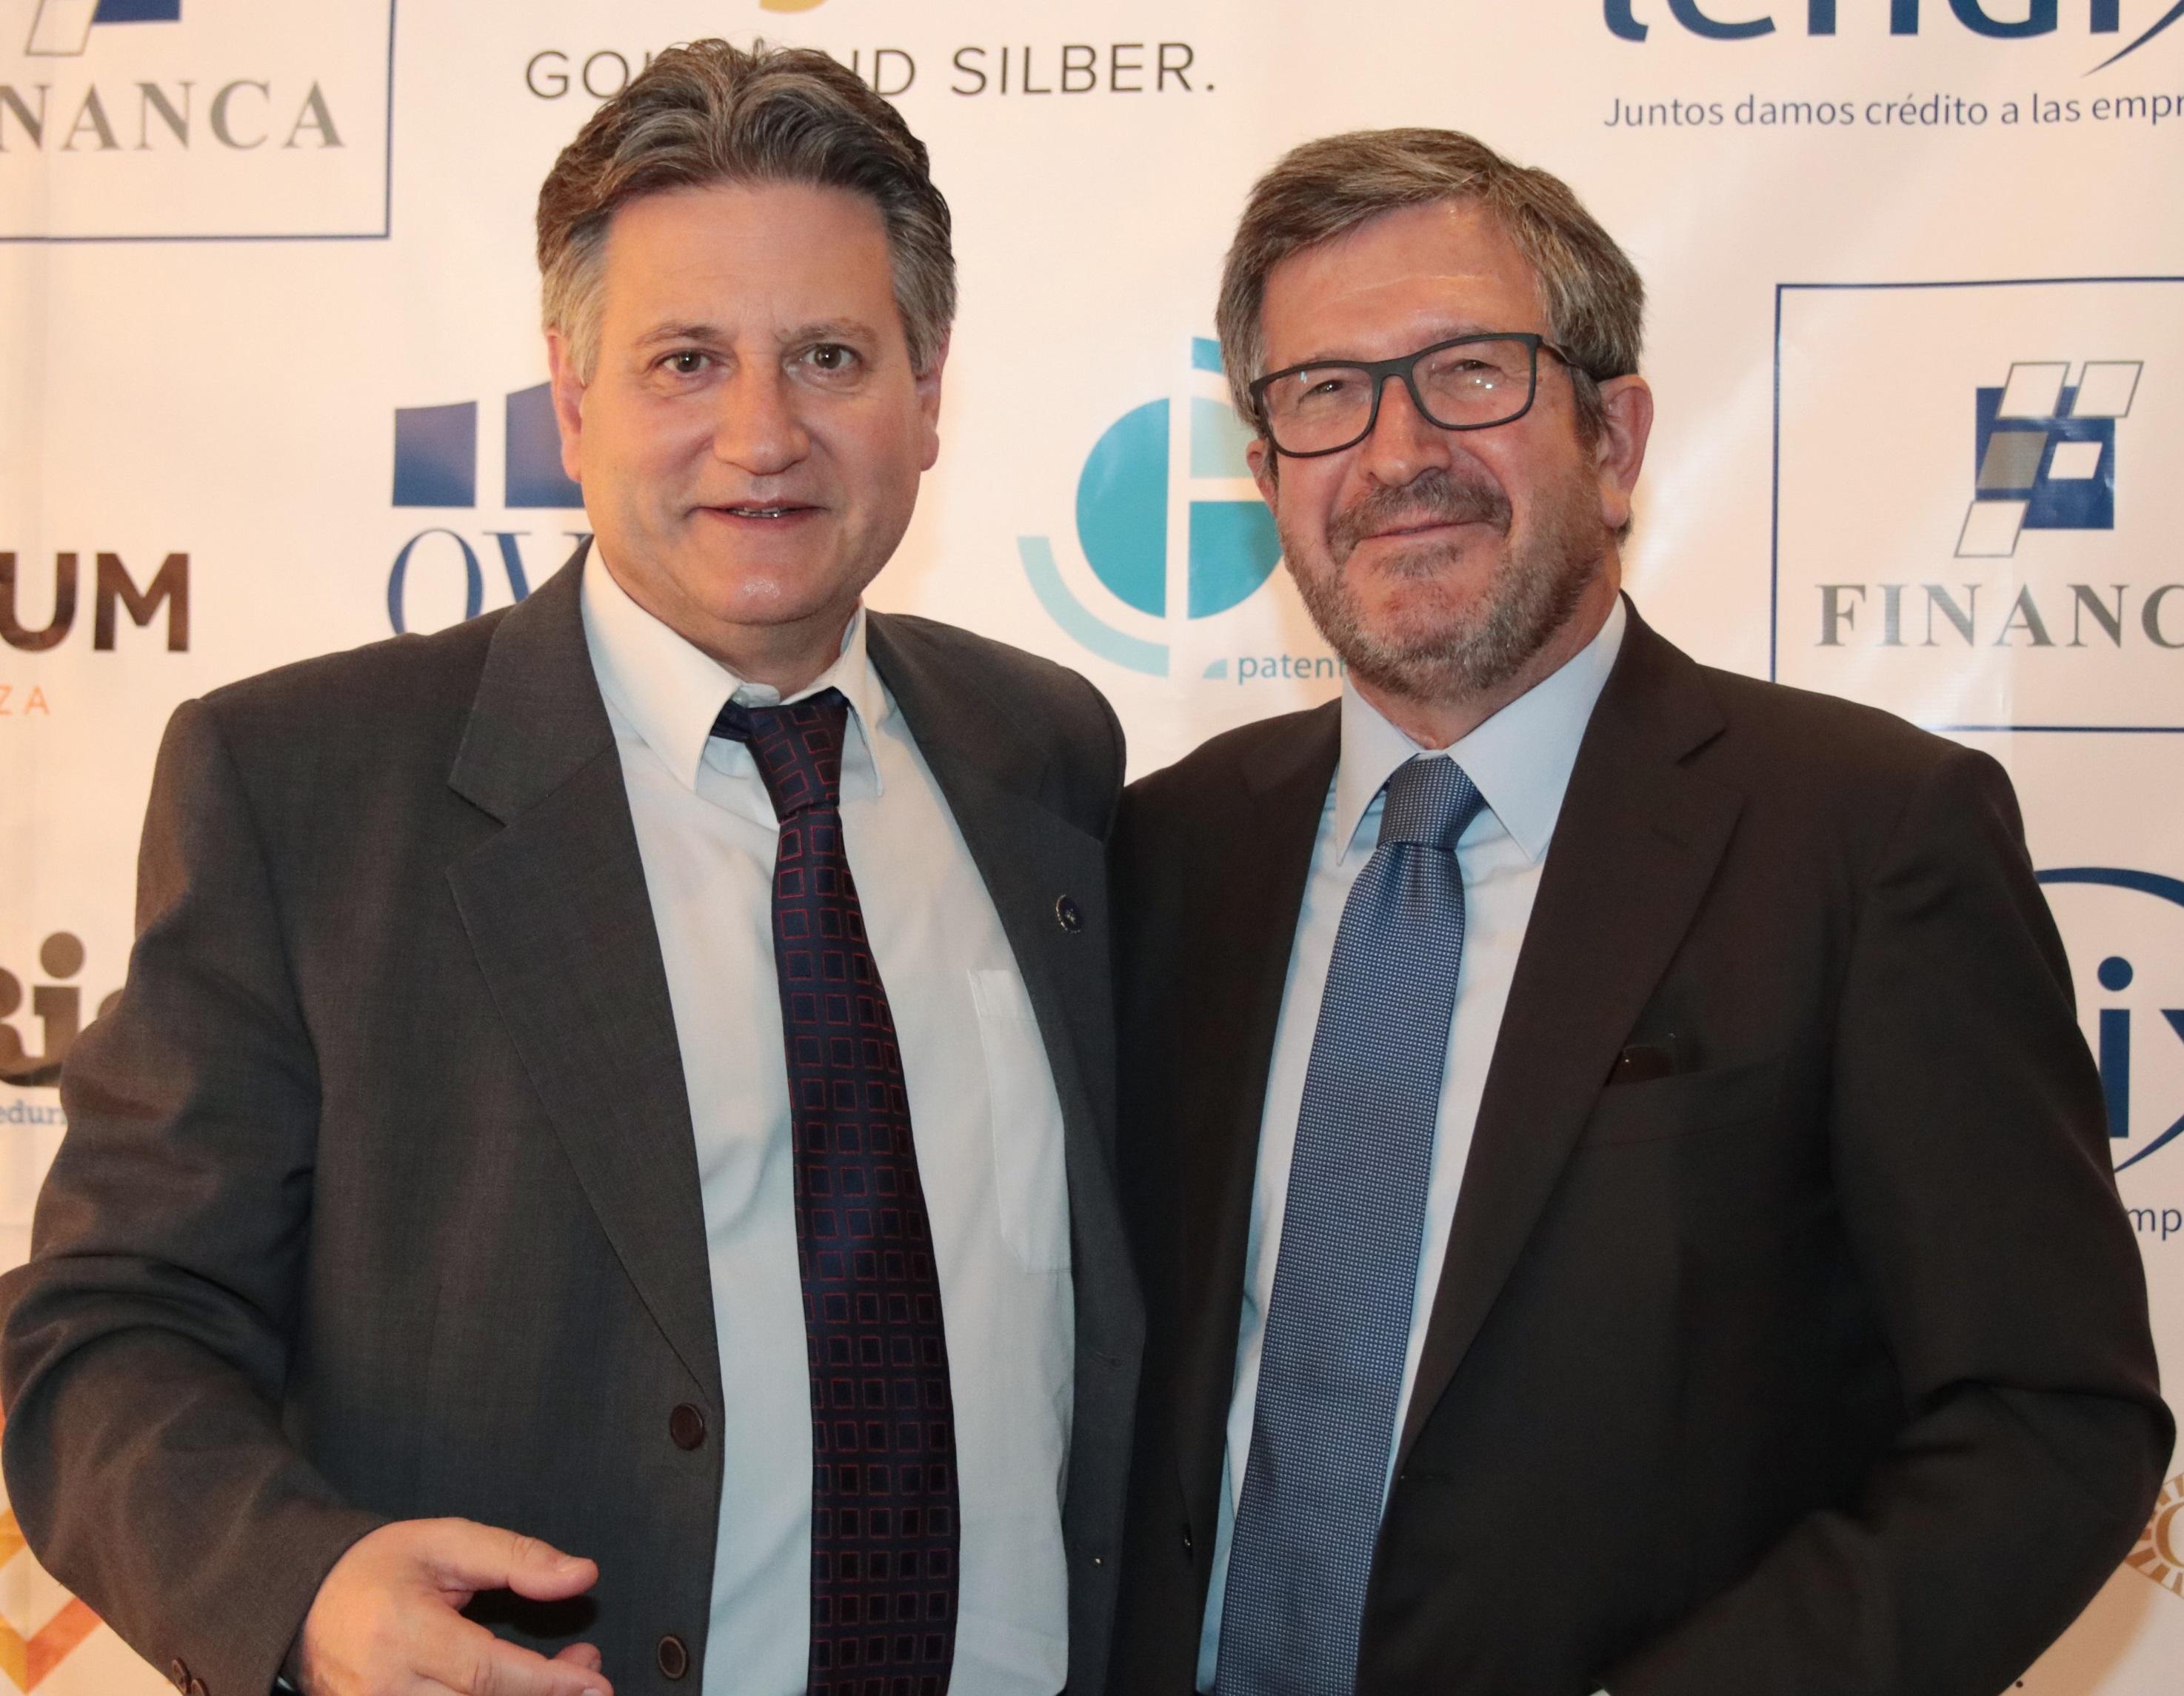 Expofinancial 2018 Fernando Zunzunegui y Jesús Campoy La nueva normativa sobre intermediarios de crédito a debate en Expofinancial AIF 2018